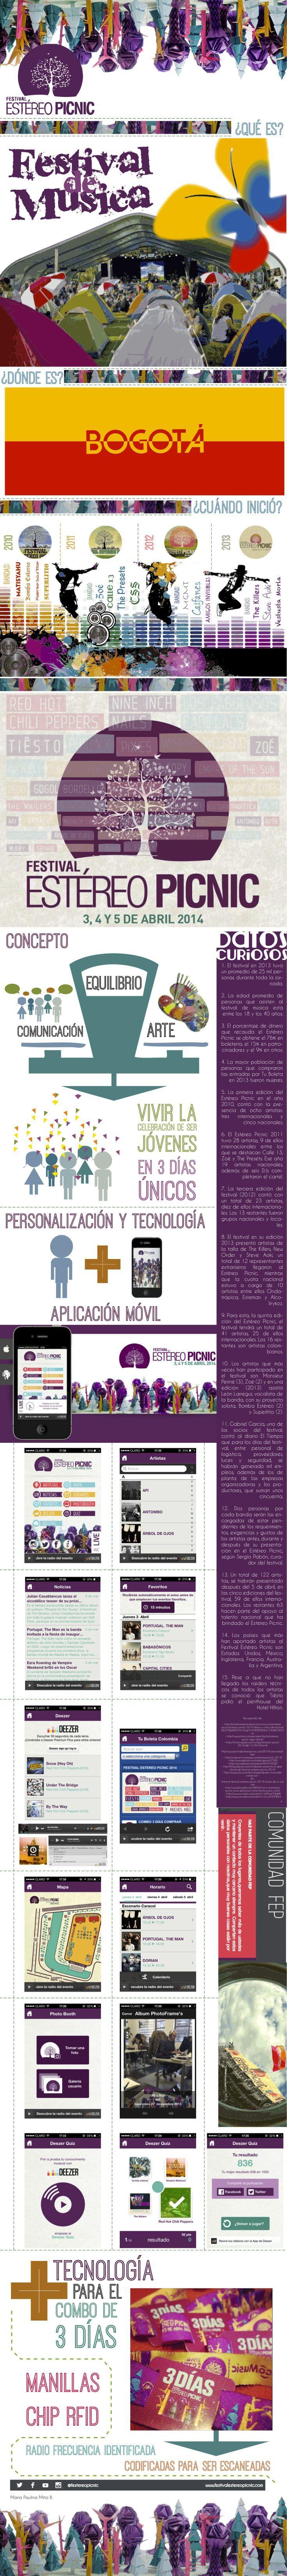 Infografia sobre Stereo Picnic by Mapau Miño